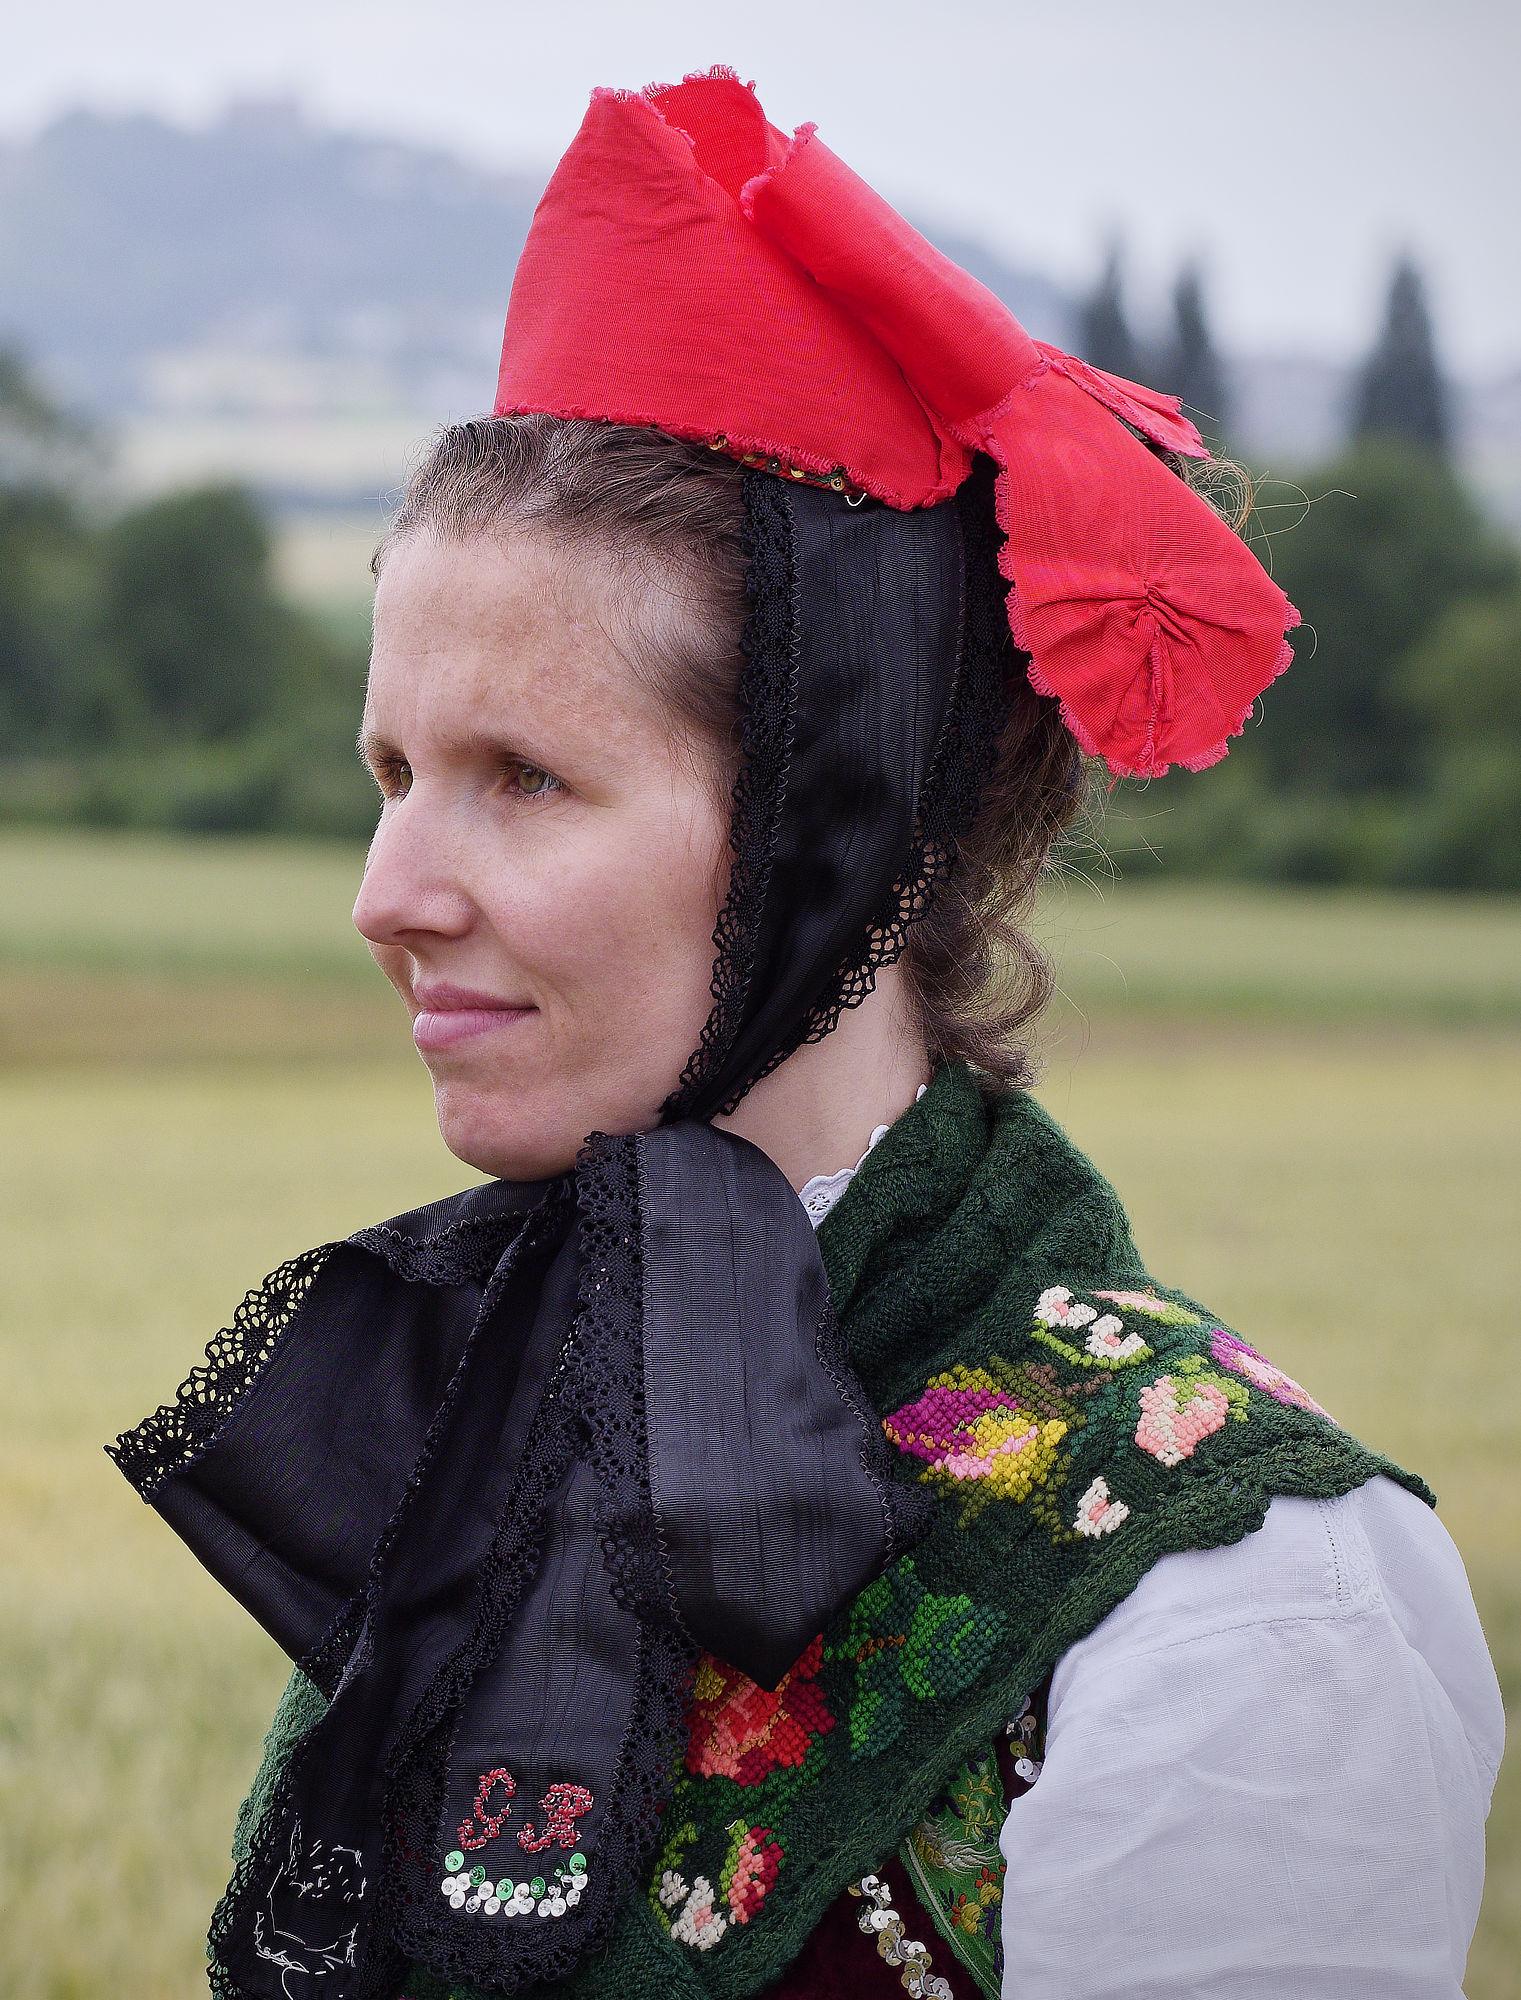 Das rote Käppchen wurde von unverheirateten Mädchen beim Tanz auf der Kirmes getragen